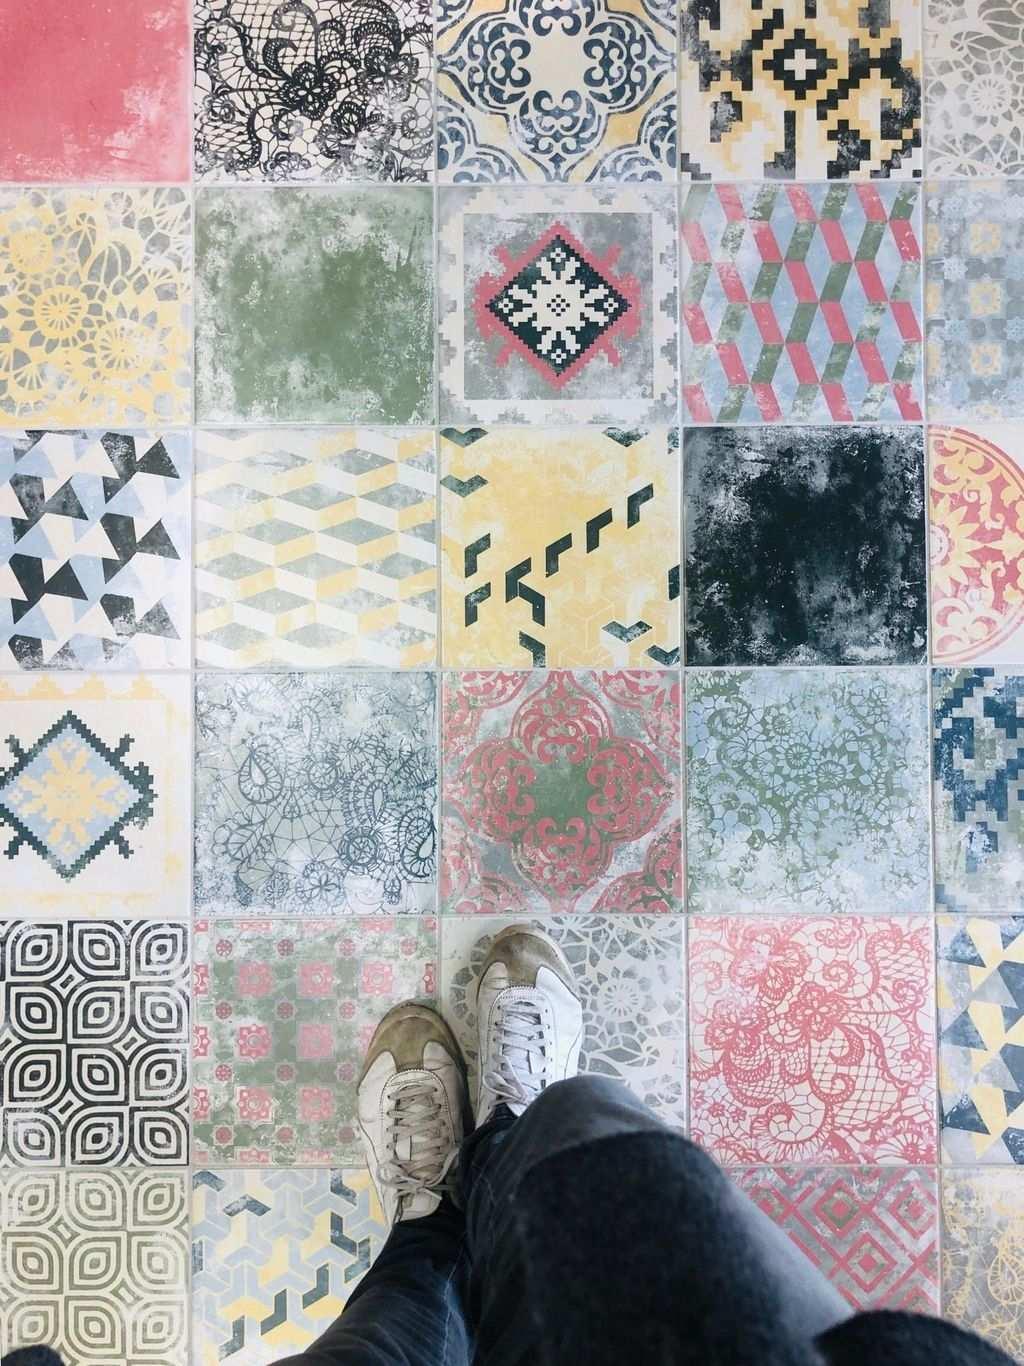 Habe Mir Am Wochenende Zahlreiche Fliesen Angesehen Was Haltet Ihr Von Zementfliesen Mit Farbigen Muster In 2020 Fliesen Zementfliesen Mosaikfliesen